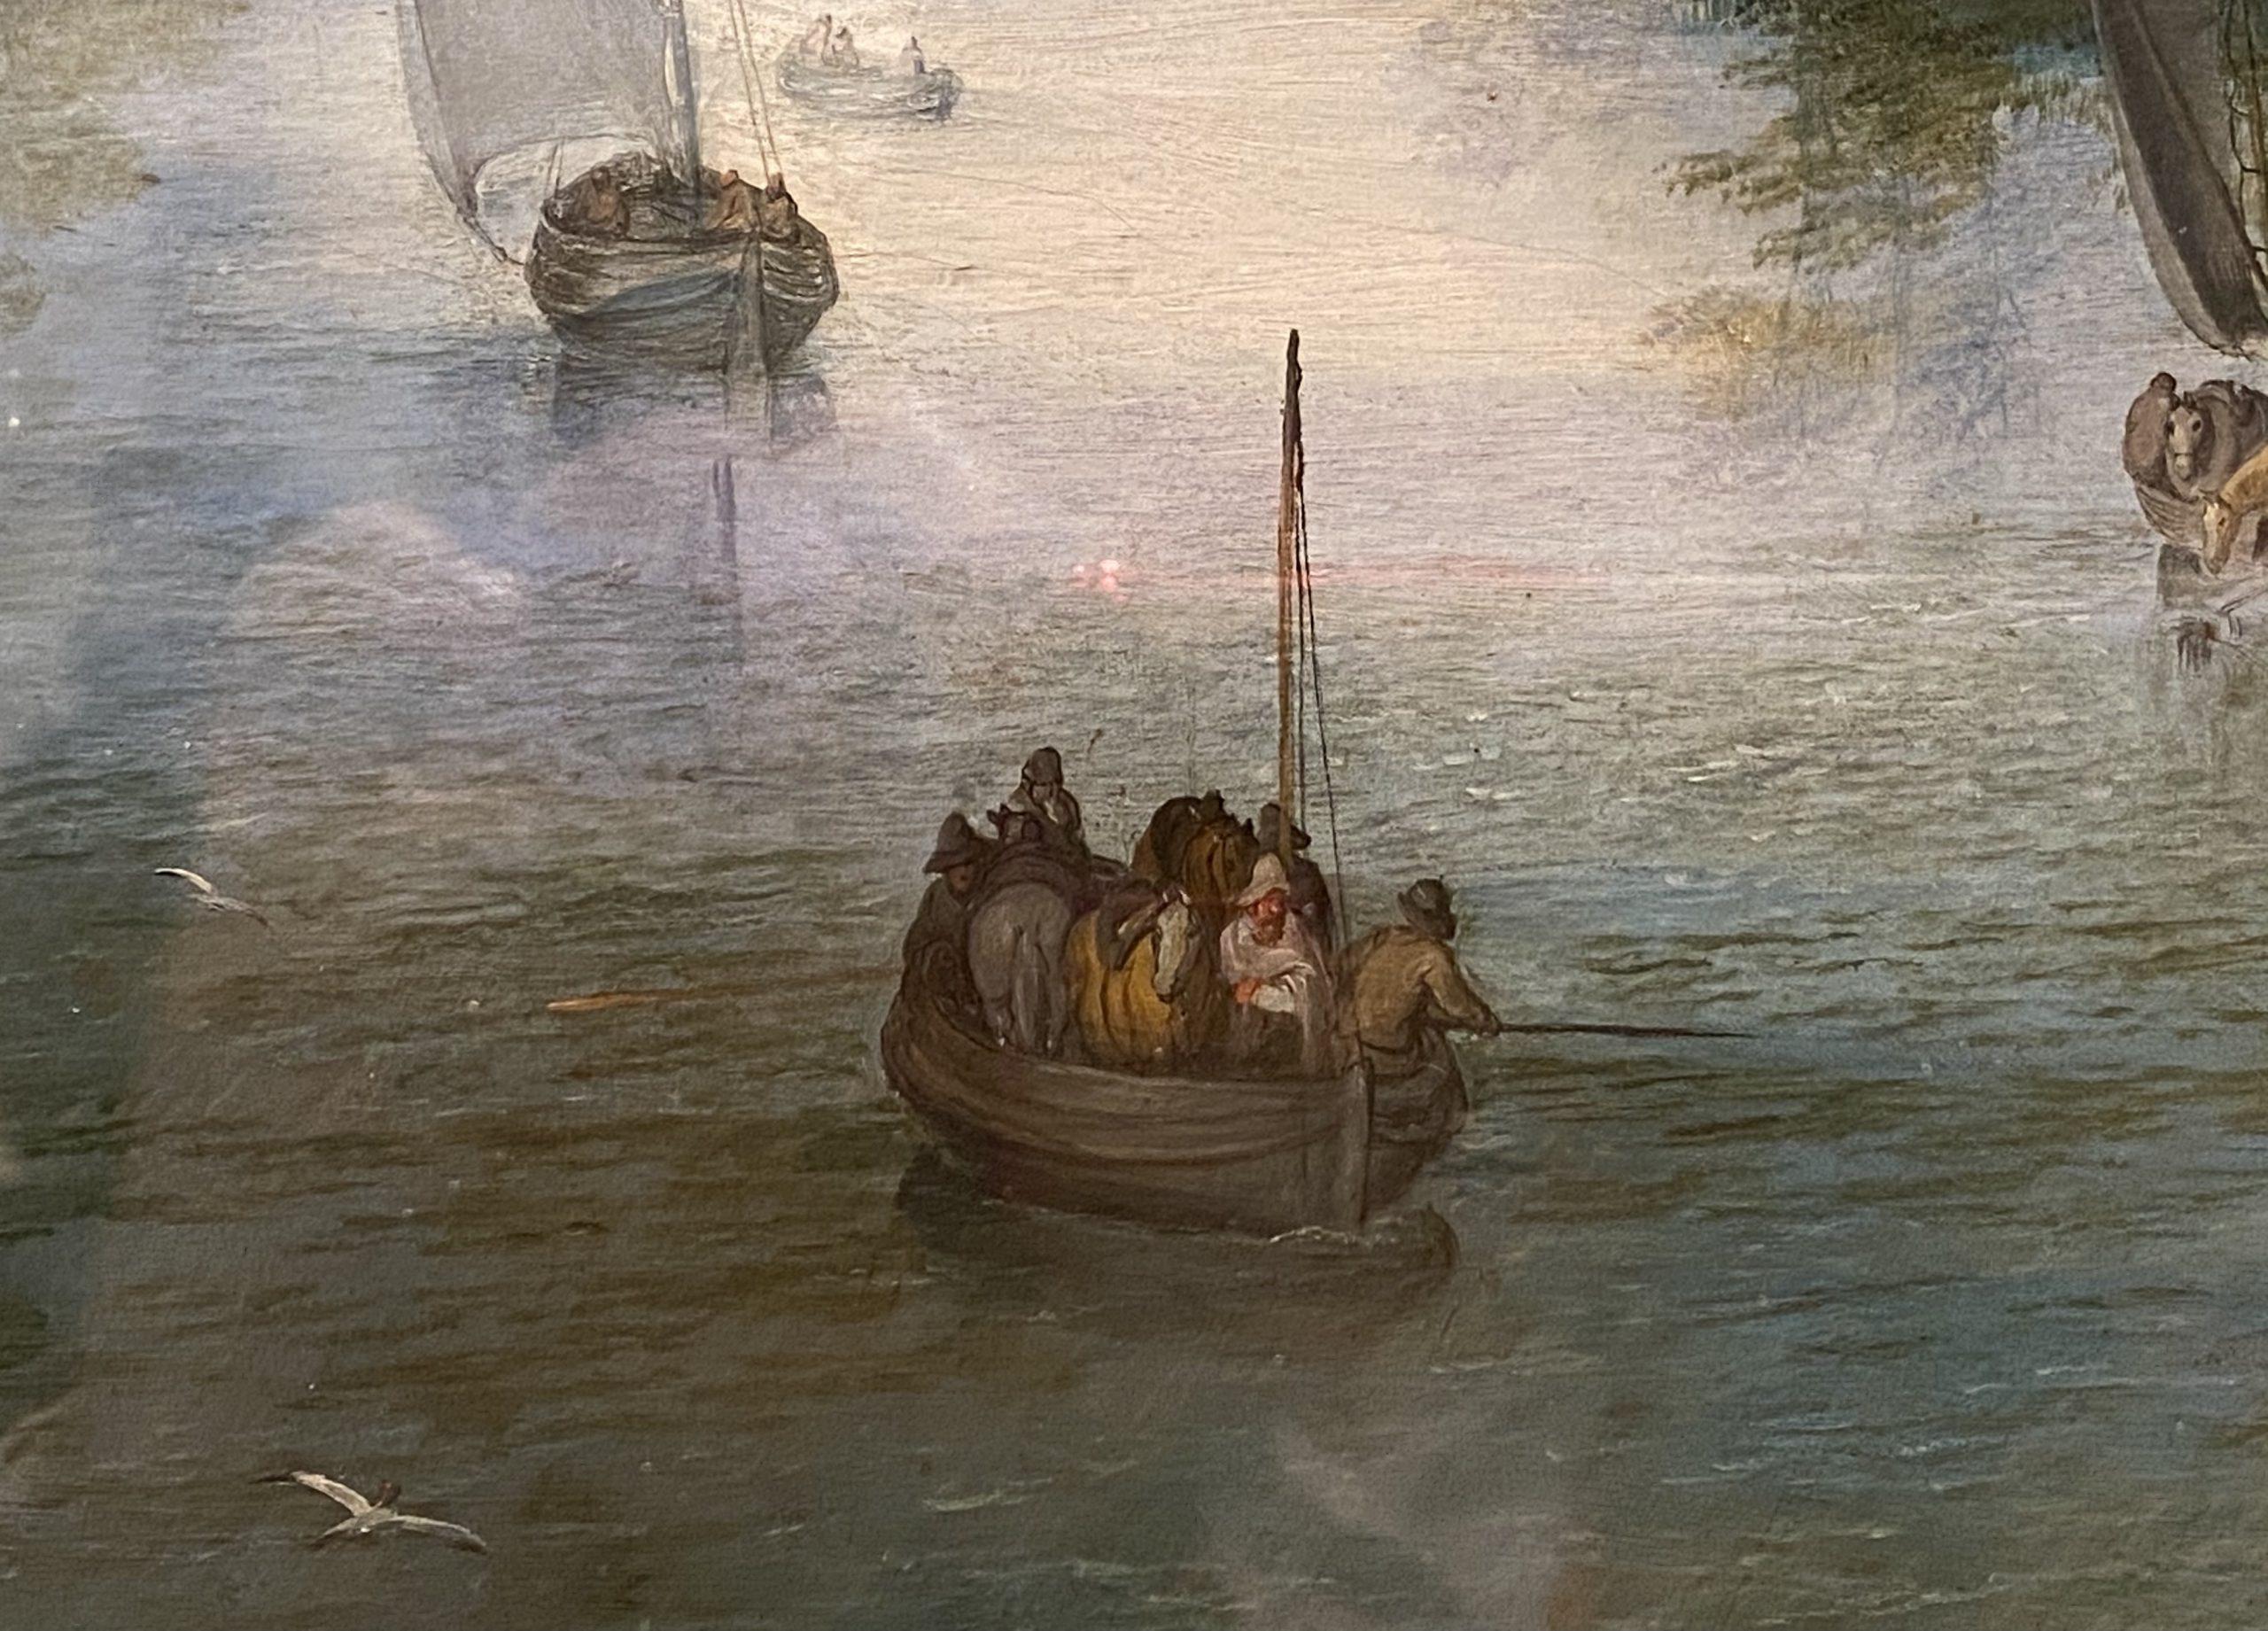 川の風景-ヤン・ブリューゲル長老-特別展【光影浮空-欧州絵画500年】-成都博物館